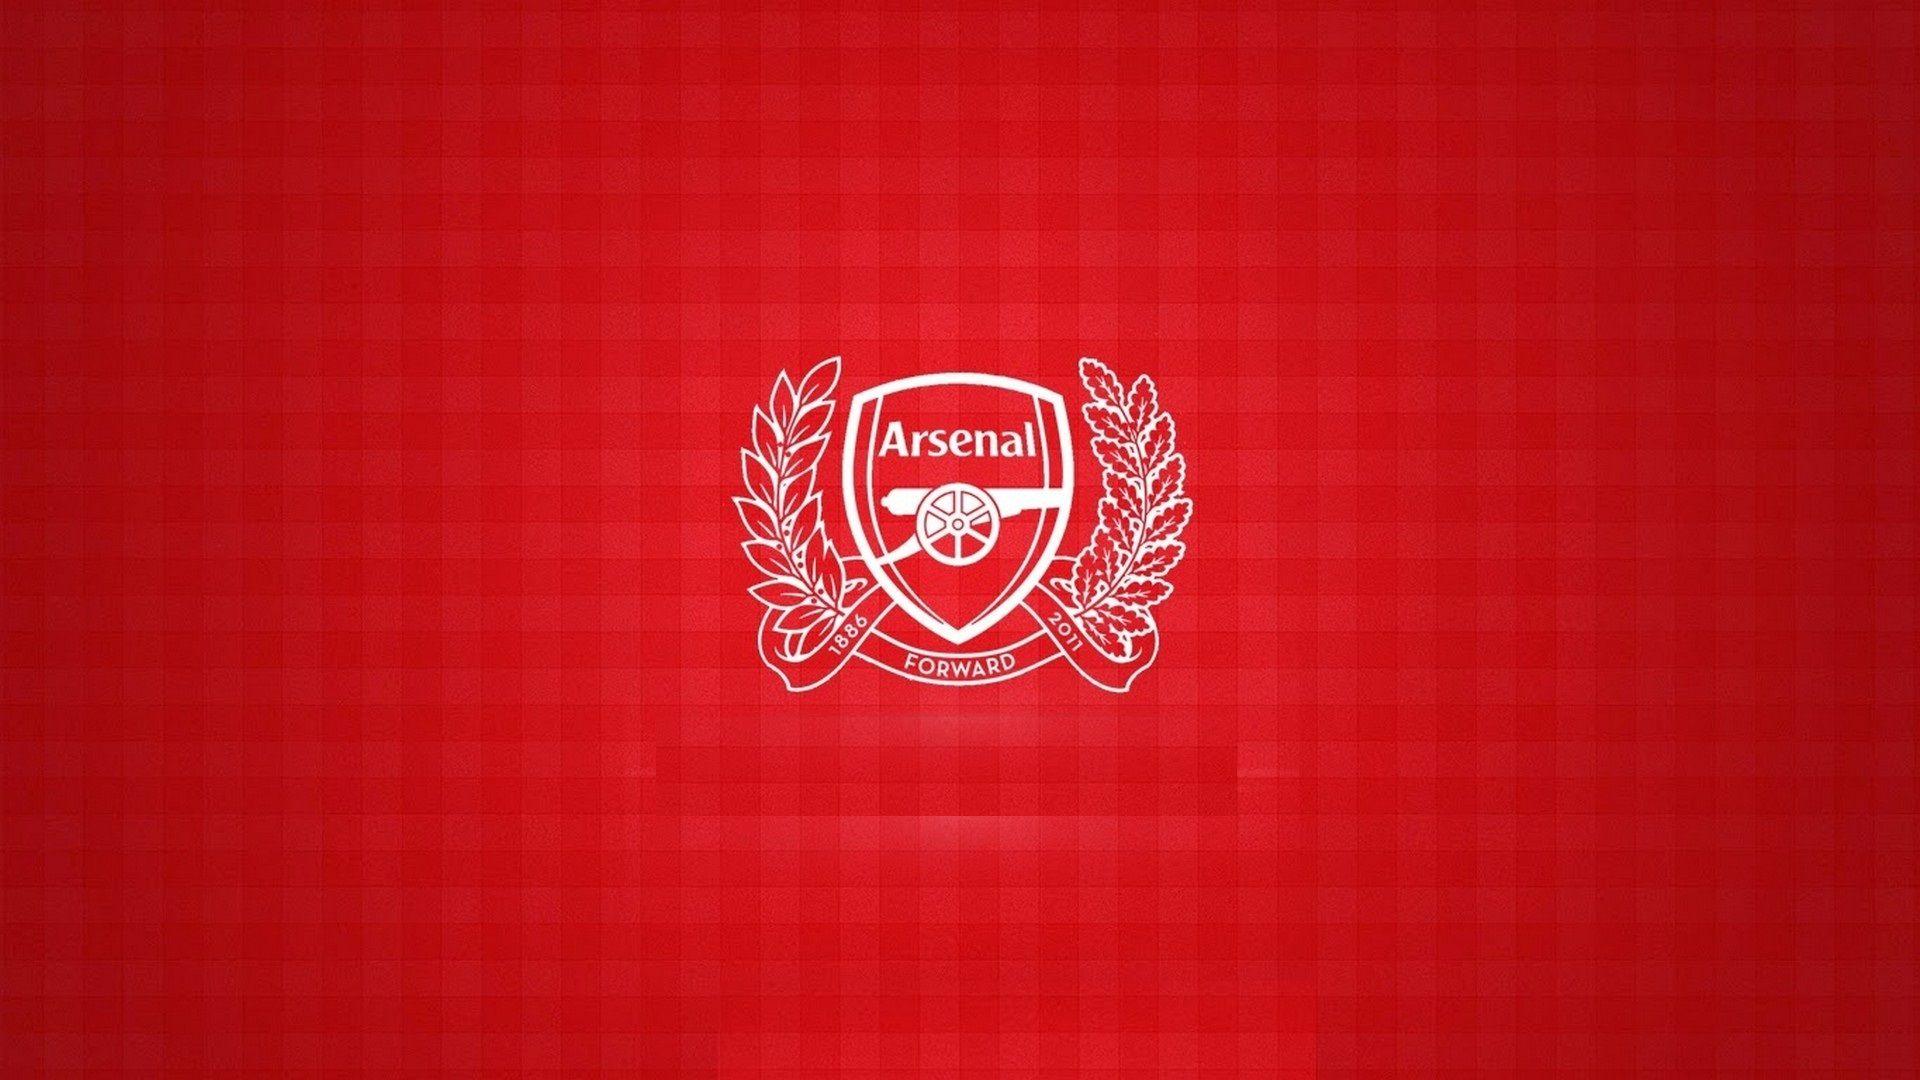 Arsenal Fc Desktop Wallpapers Best Football Wallpaper Hd